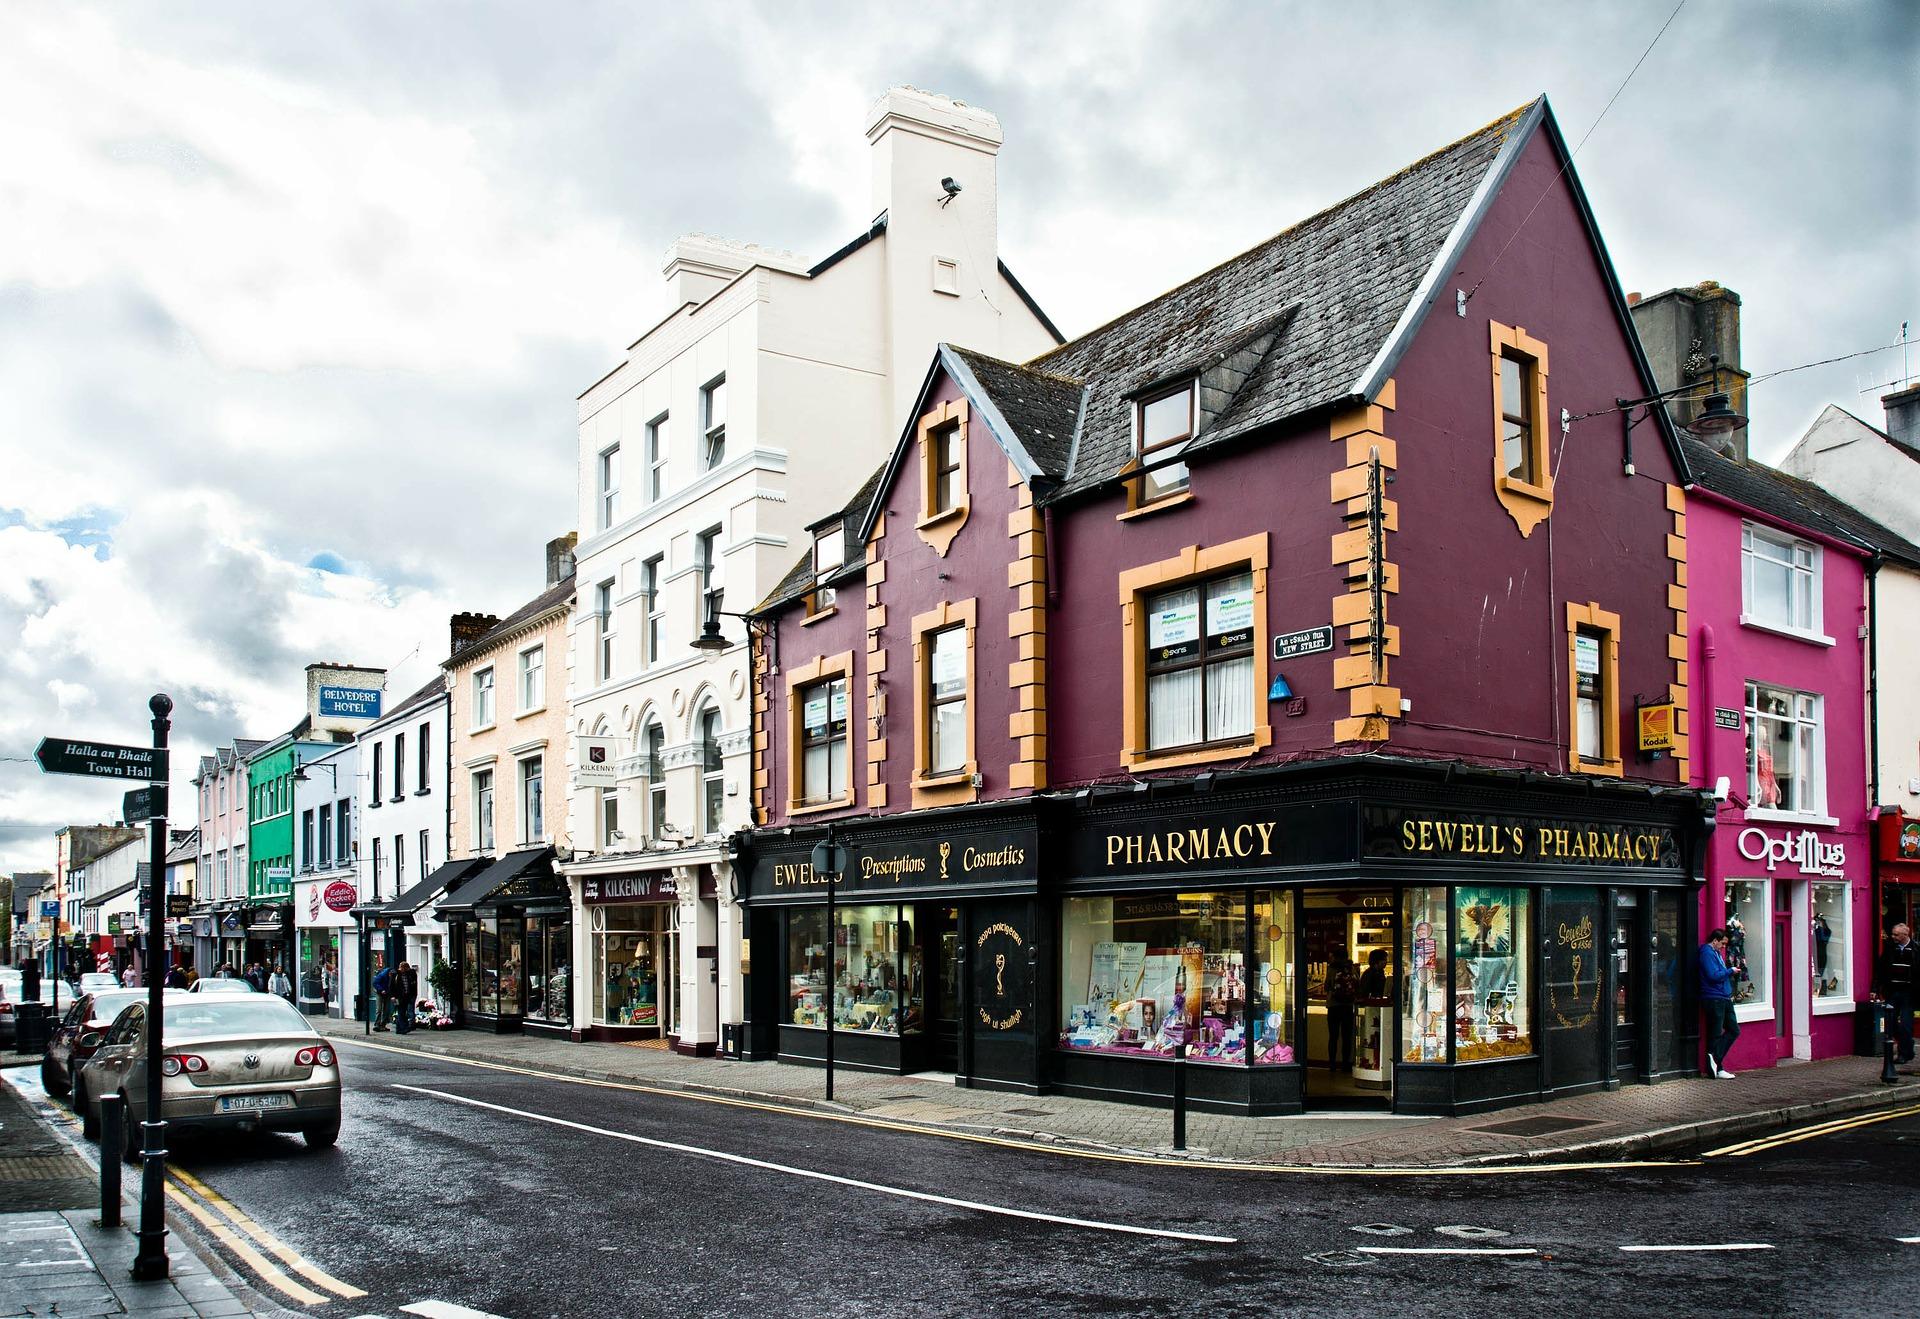 Downtown Killarney